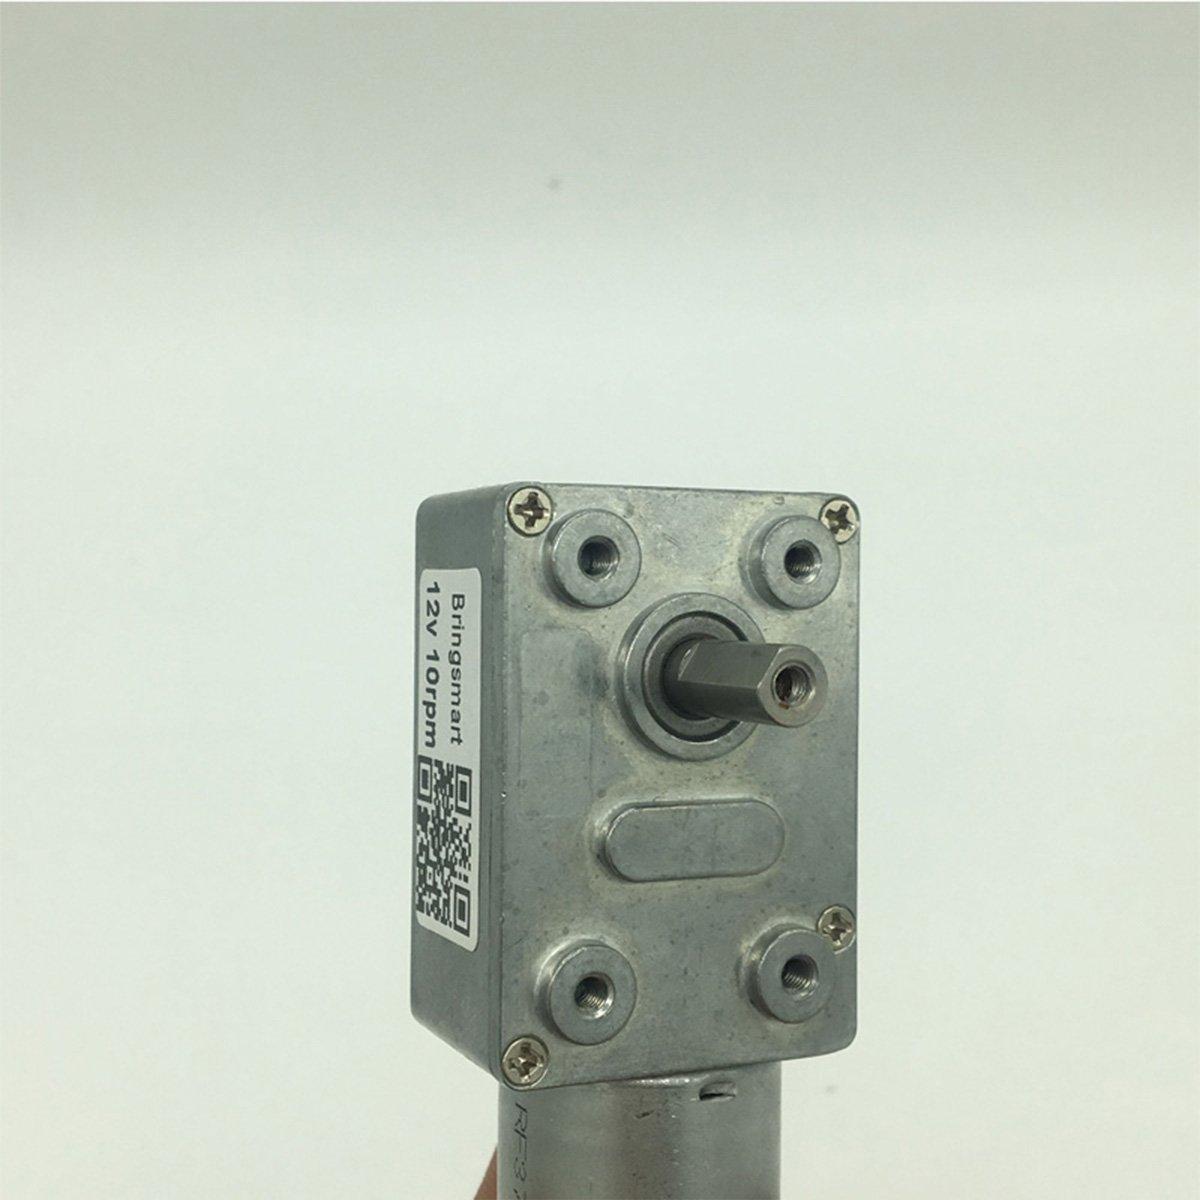 Bringsmart 6V Double Shaft Gear Motor 12V 24V DC Dual Output Shaft Reducer Self-lock (JGY-370 6V 6rpm) by Bringsmart (Image #2)